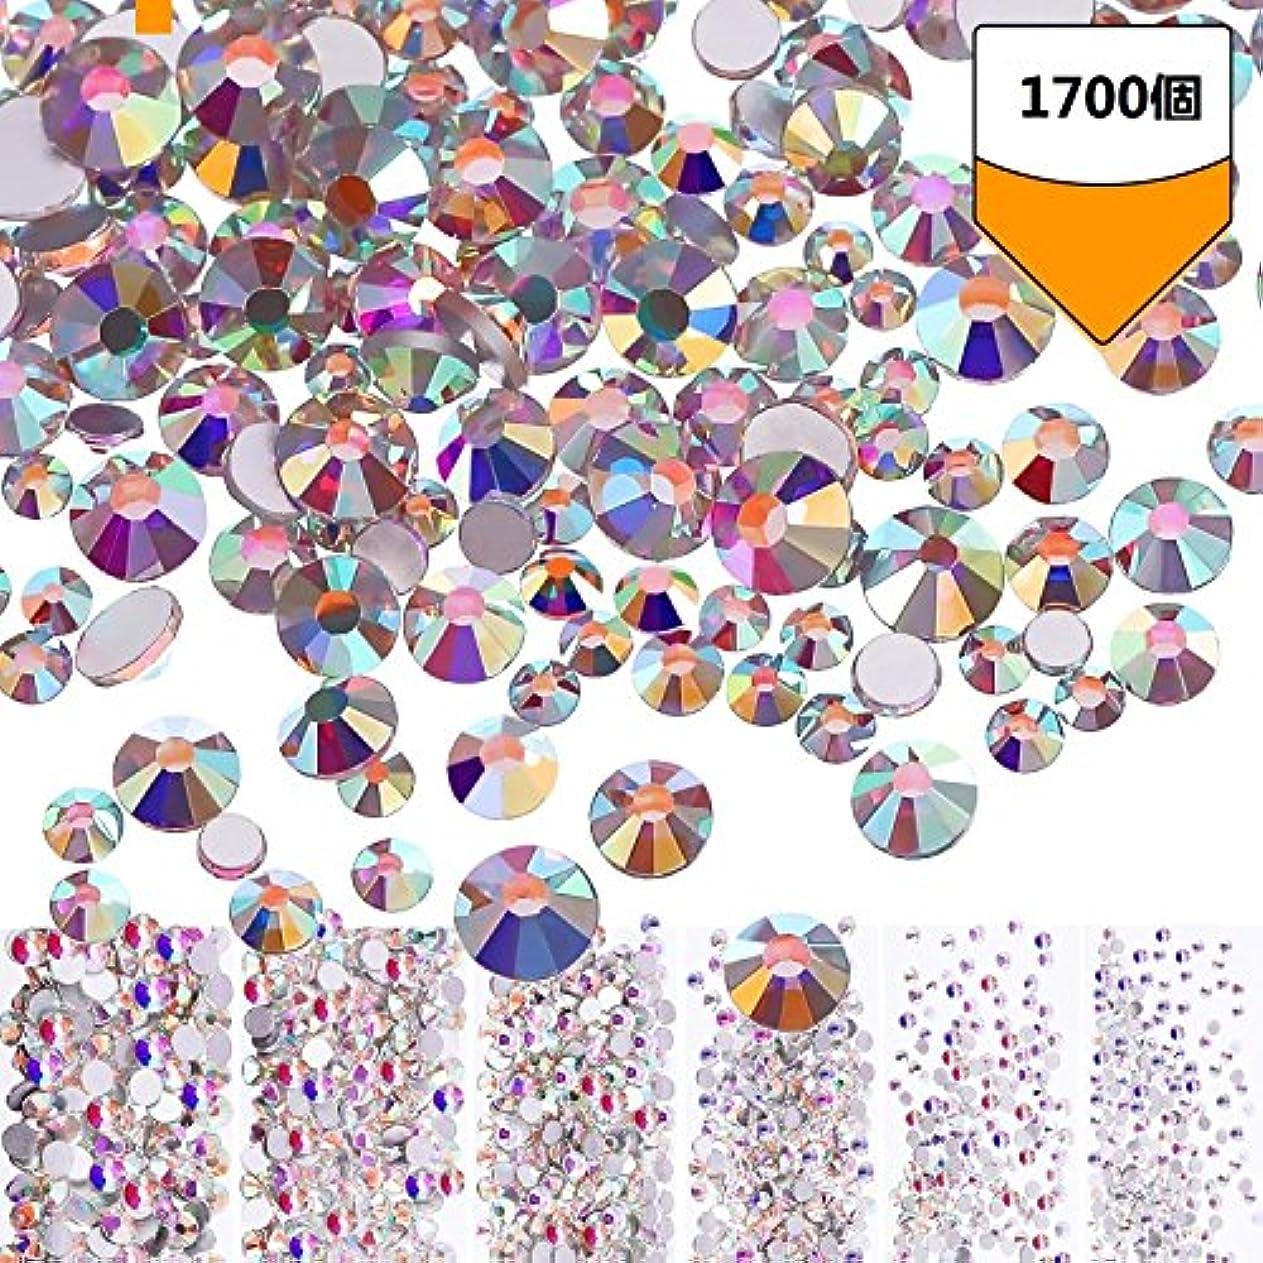 断線顔料靄ラインストーン ネイル デコ ガラスストーン クリスタル 改良 高品質ガラス製ラインストーン(1.6mm-3mm 約1700粒)